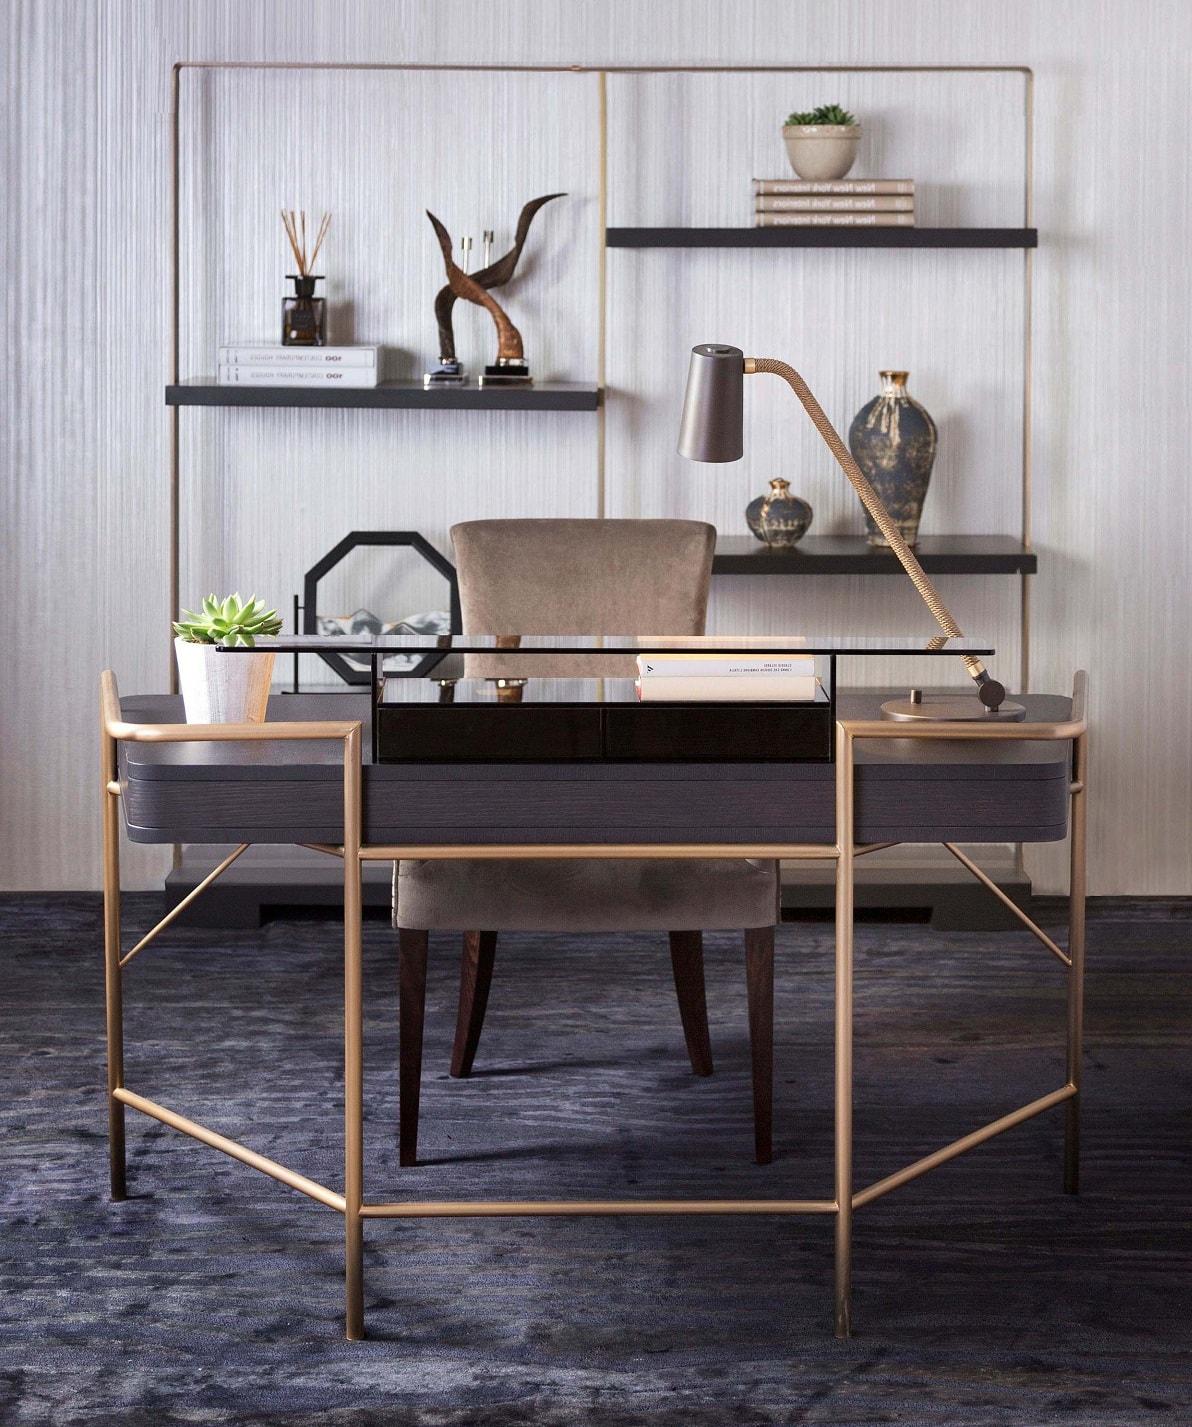 Оригинальный письменный стол дополняет стеллаж из такого же материала и форм